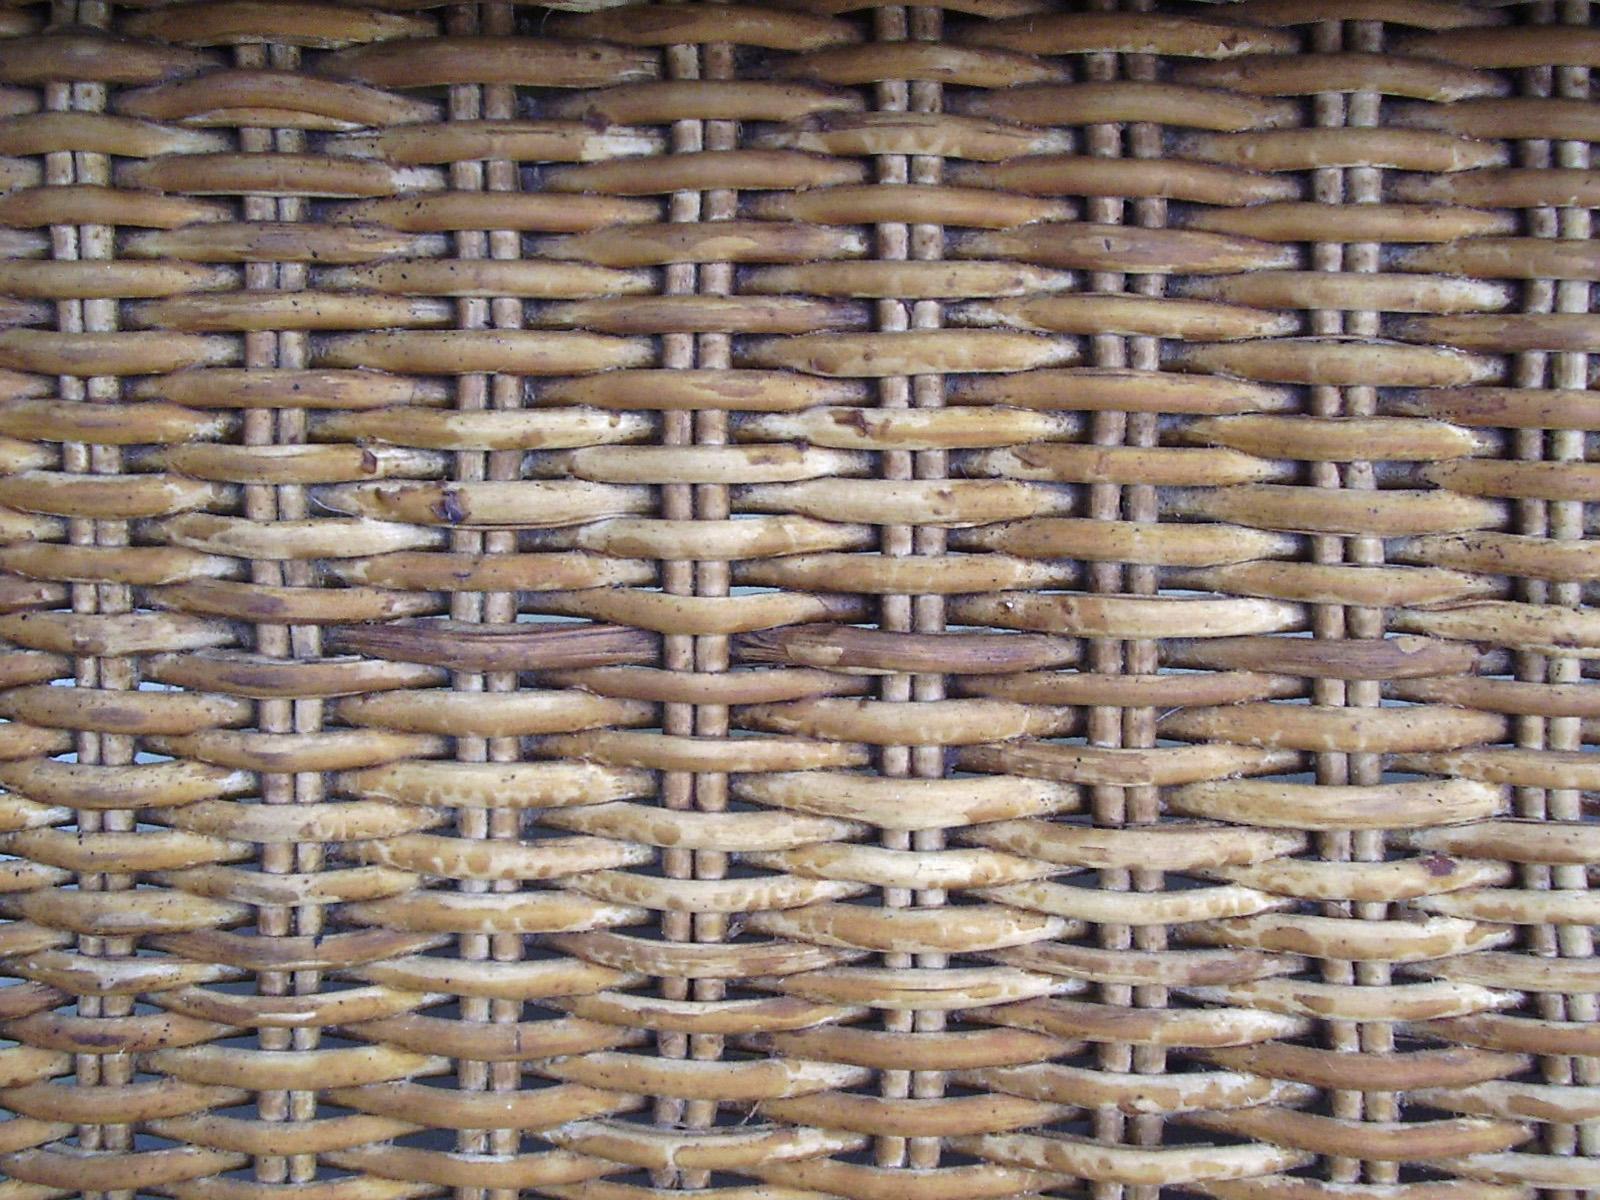 木材-编制品(1)